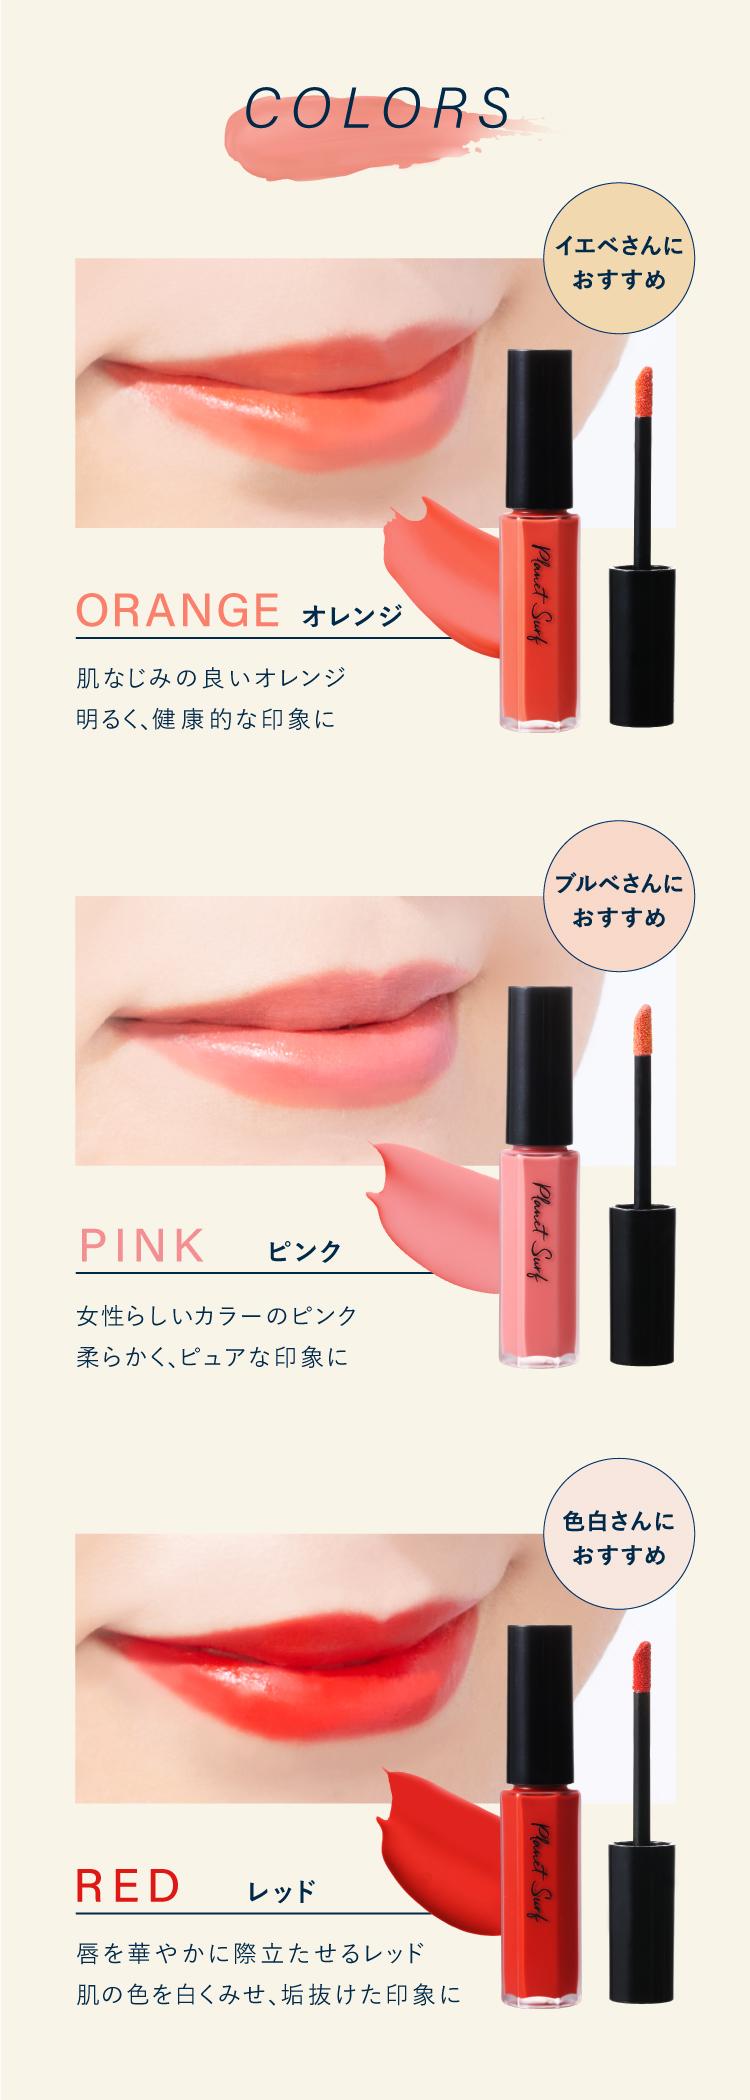 カラー:オレンジ・ピンク・レッド